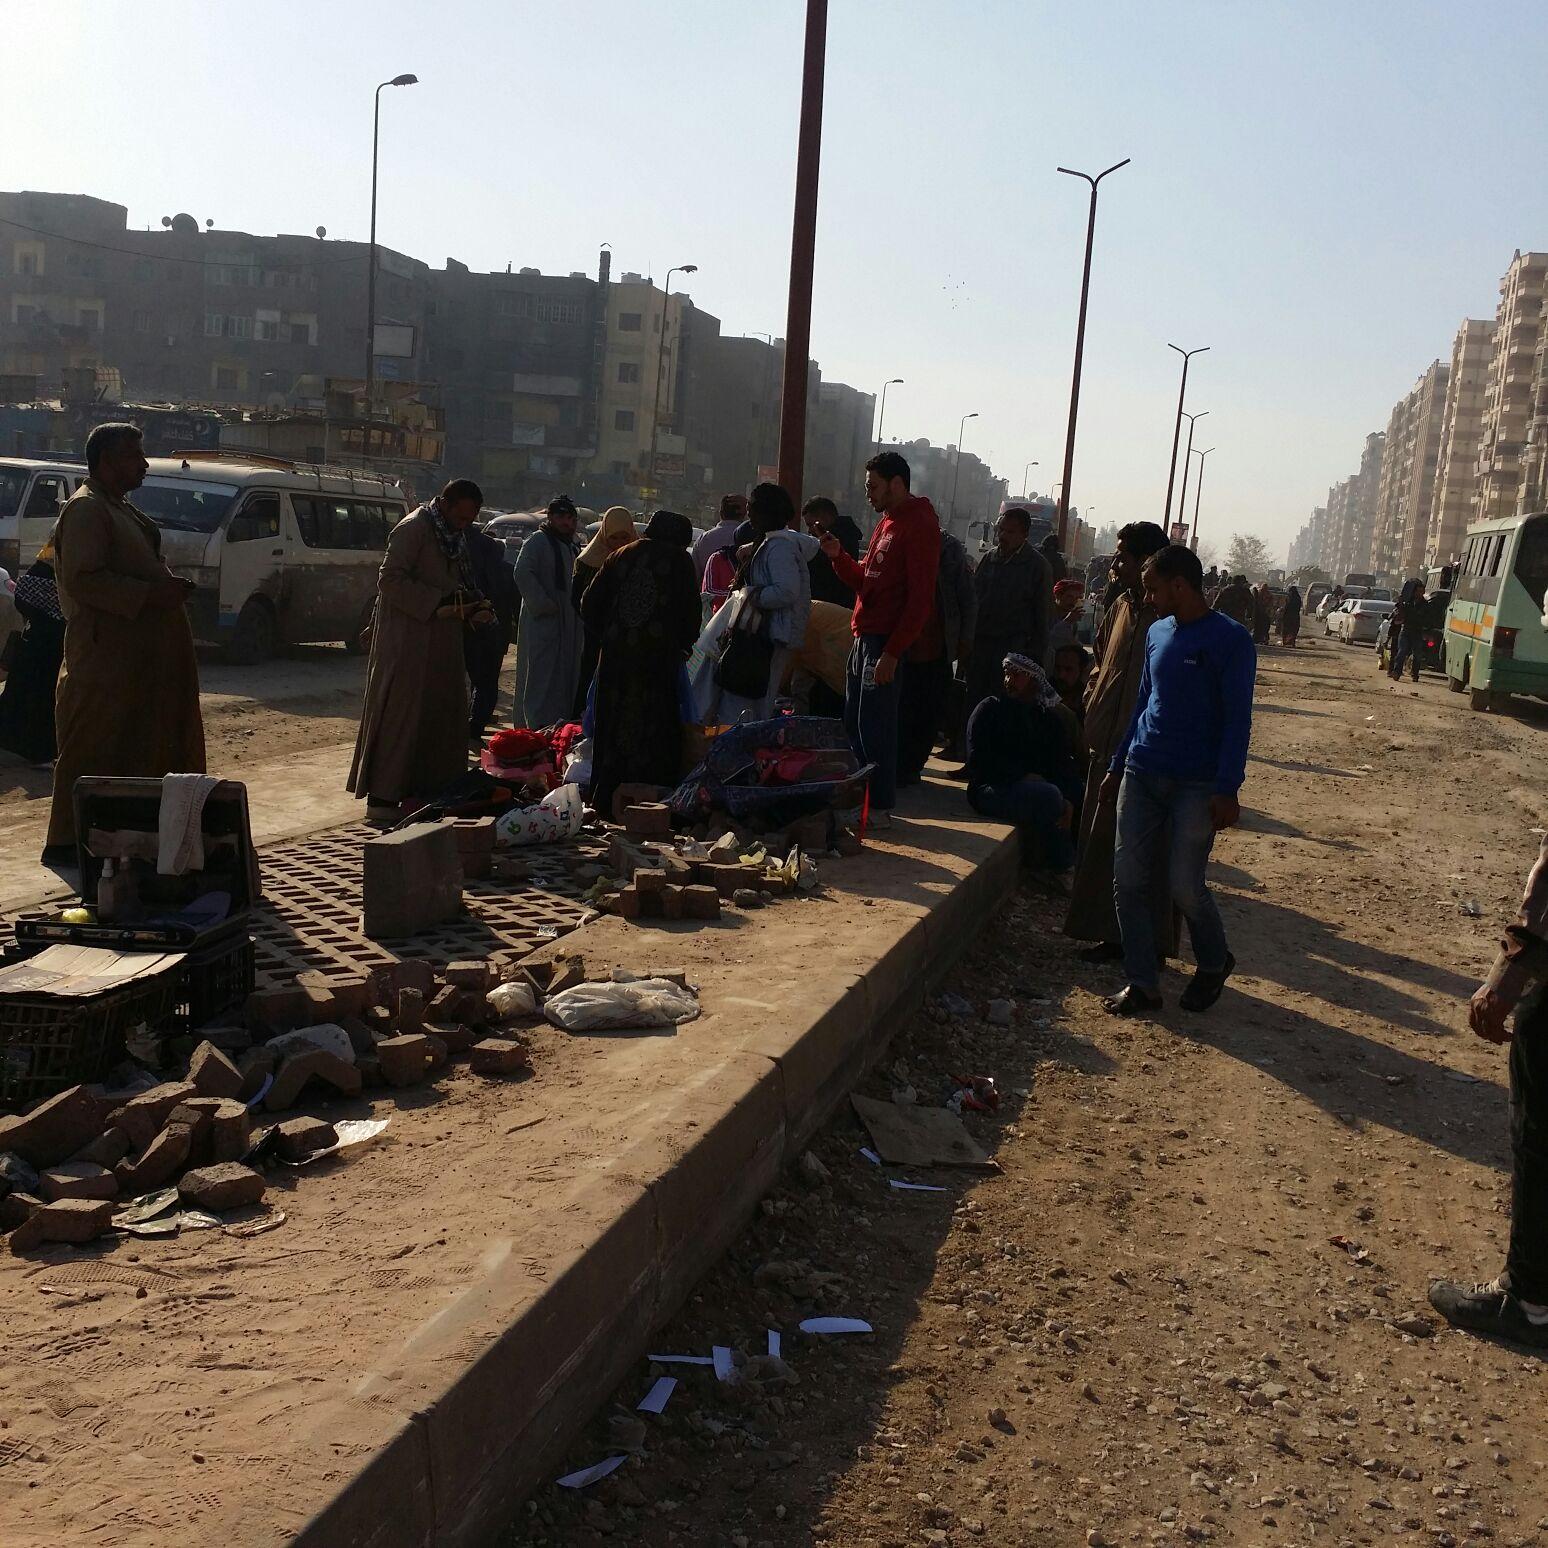 فوضى وارتباك مروري يعم شوارع الحي العاشر بمدينة نصر